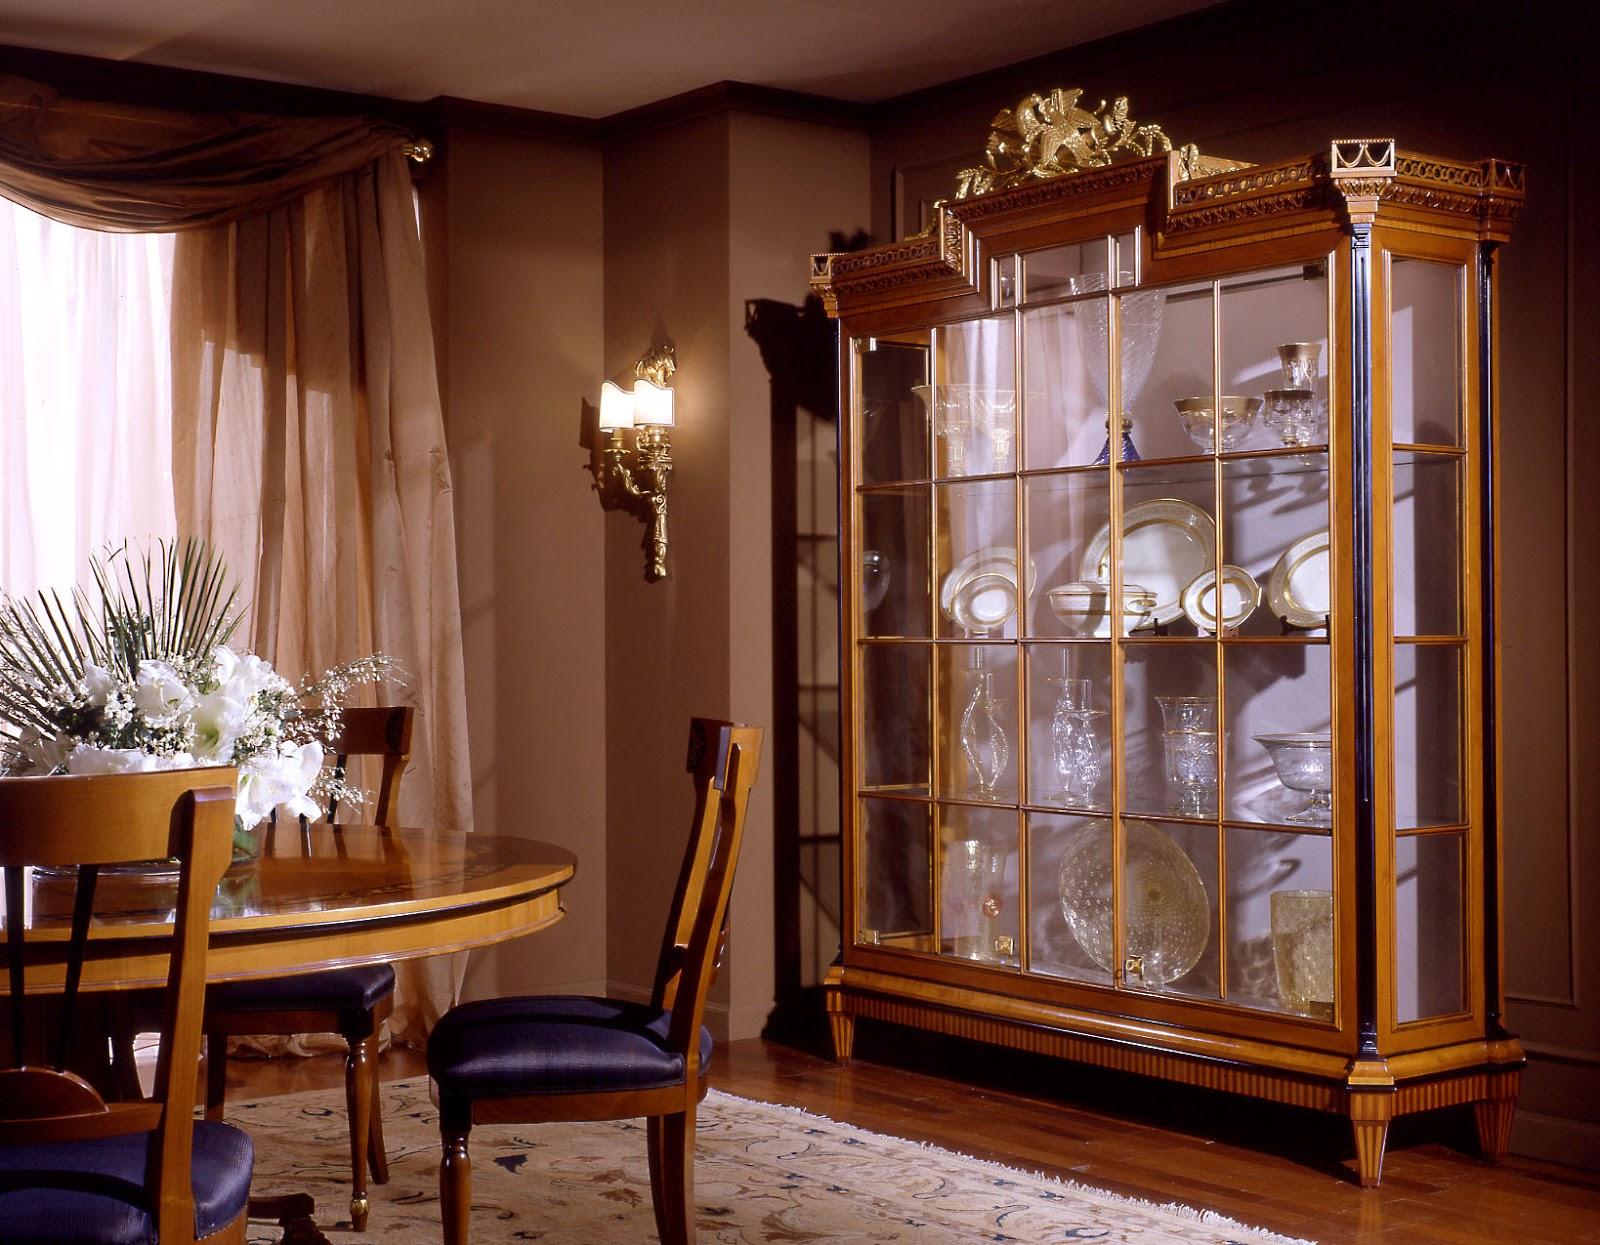 Decorar con muebles antiguos ideas para decorar dise ar for Decorar casa con muebles wengue